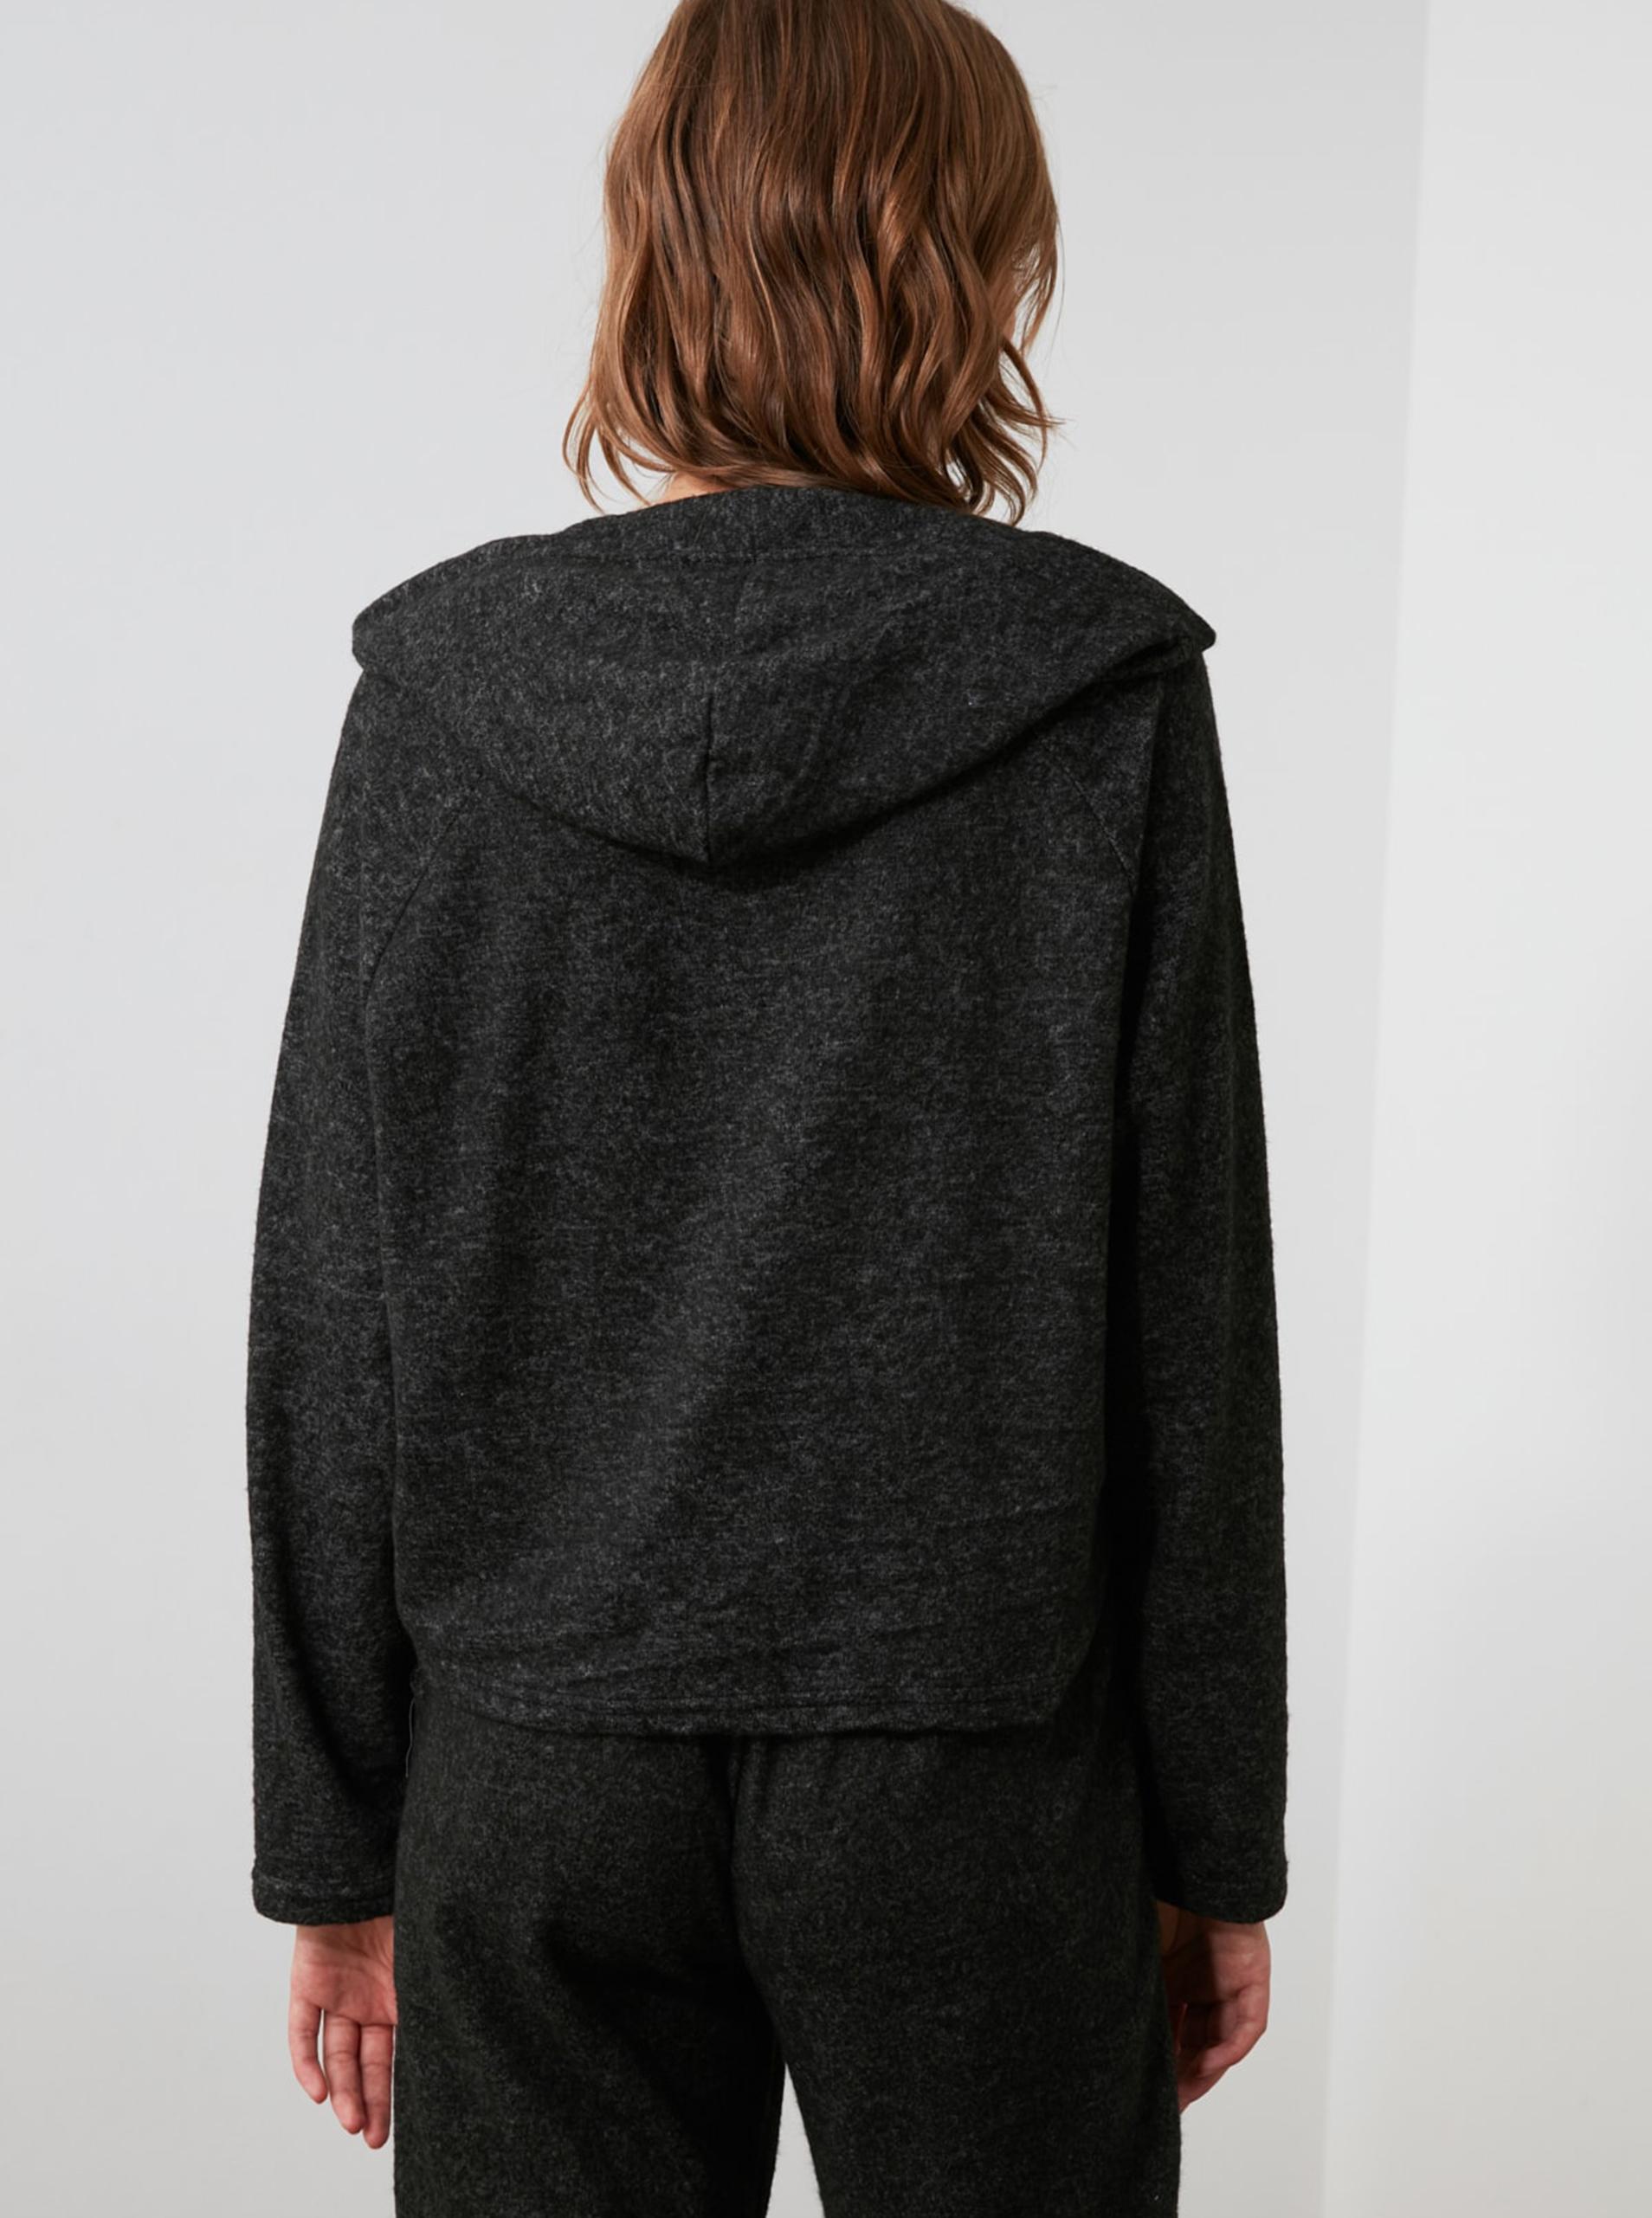 Maglietta ampia da donna nera con cappuccio Trendyol